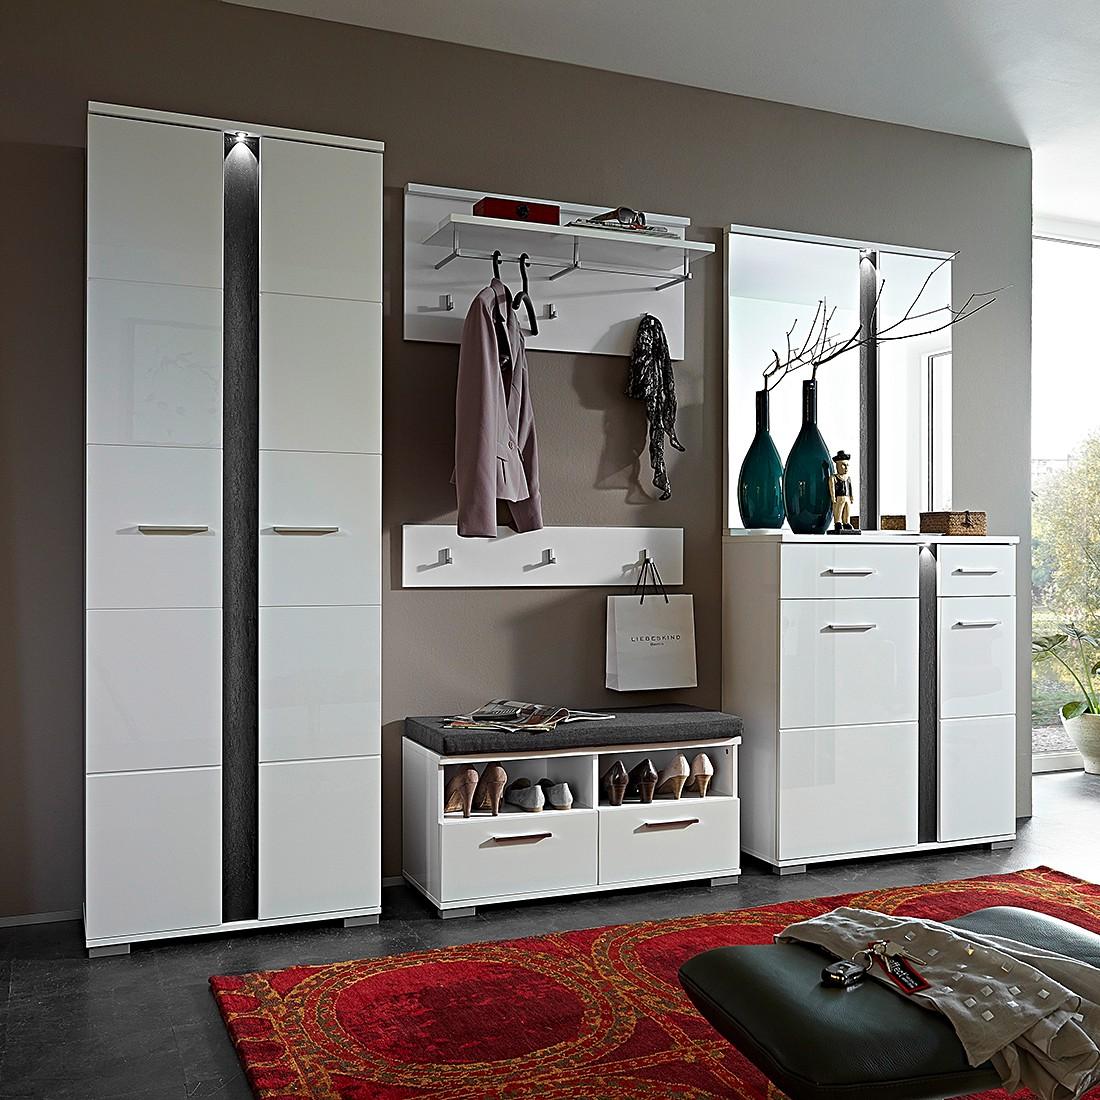 #702F28 Scrapeo Granit Esstisch Ausziehbar Mit 6 Stühen 1155 armoires portes coulissantes rauch 1100x1100 px @ aertt.com